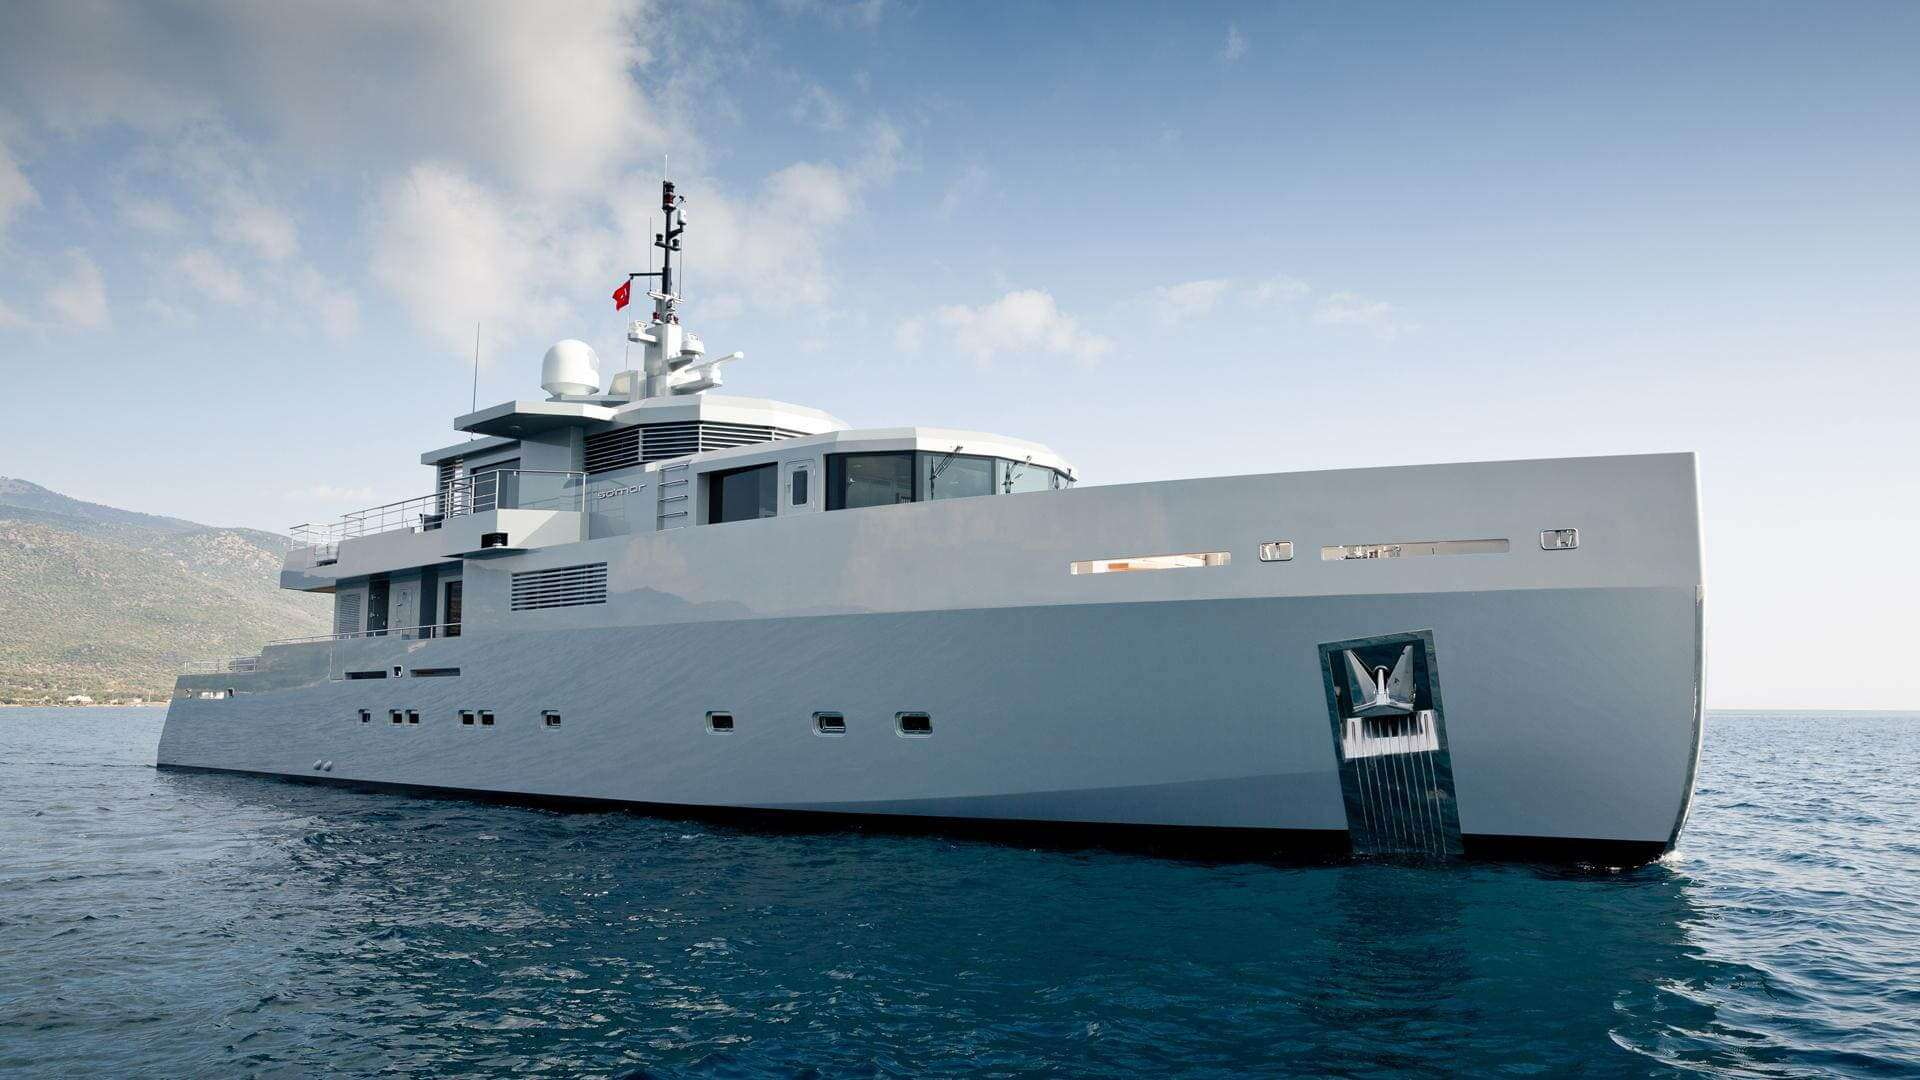 Web Development for Award-Winning Yacht Manufacturer